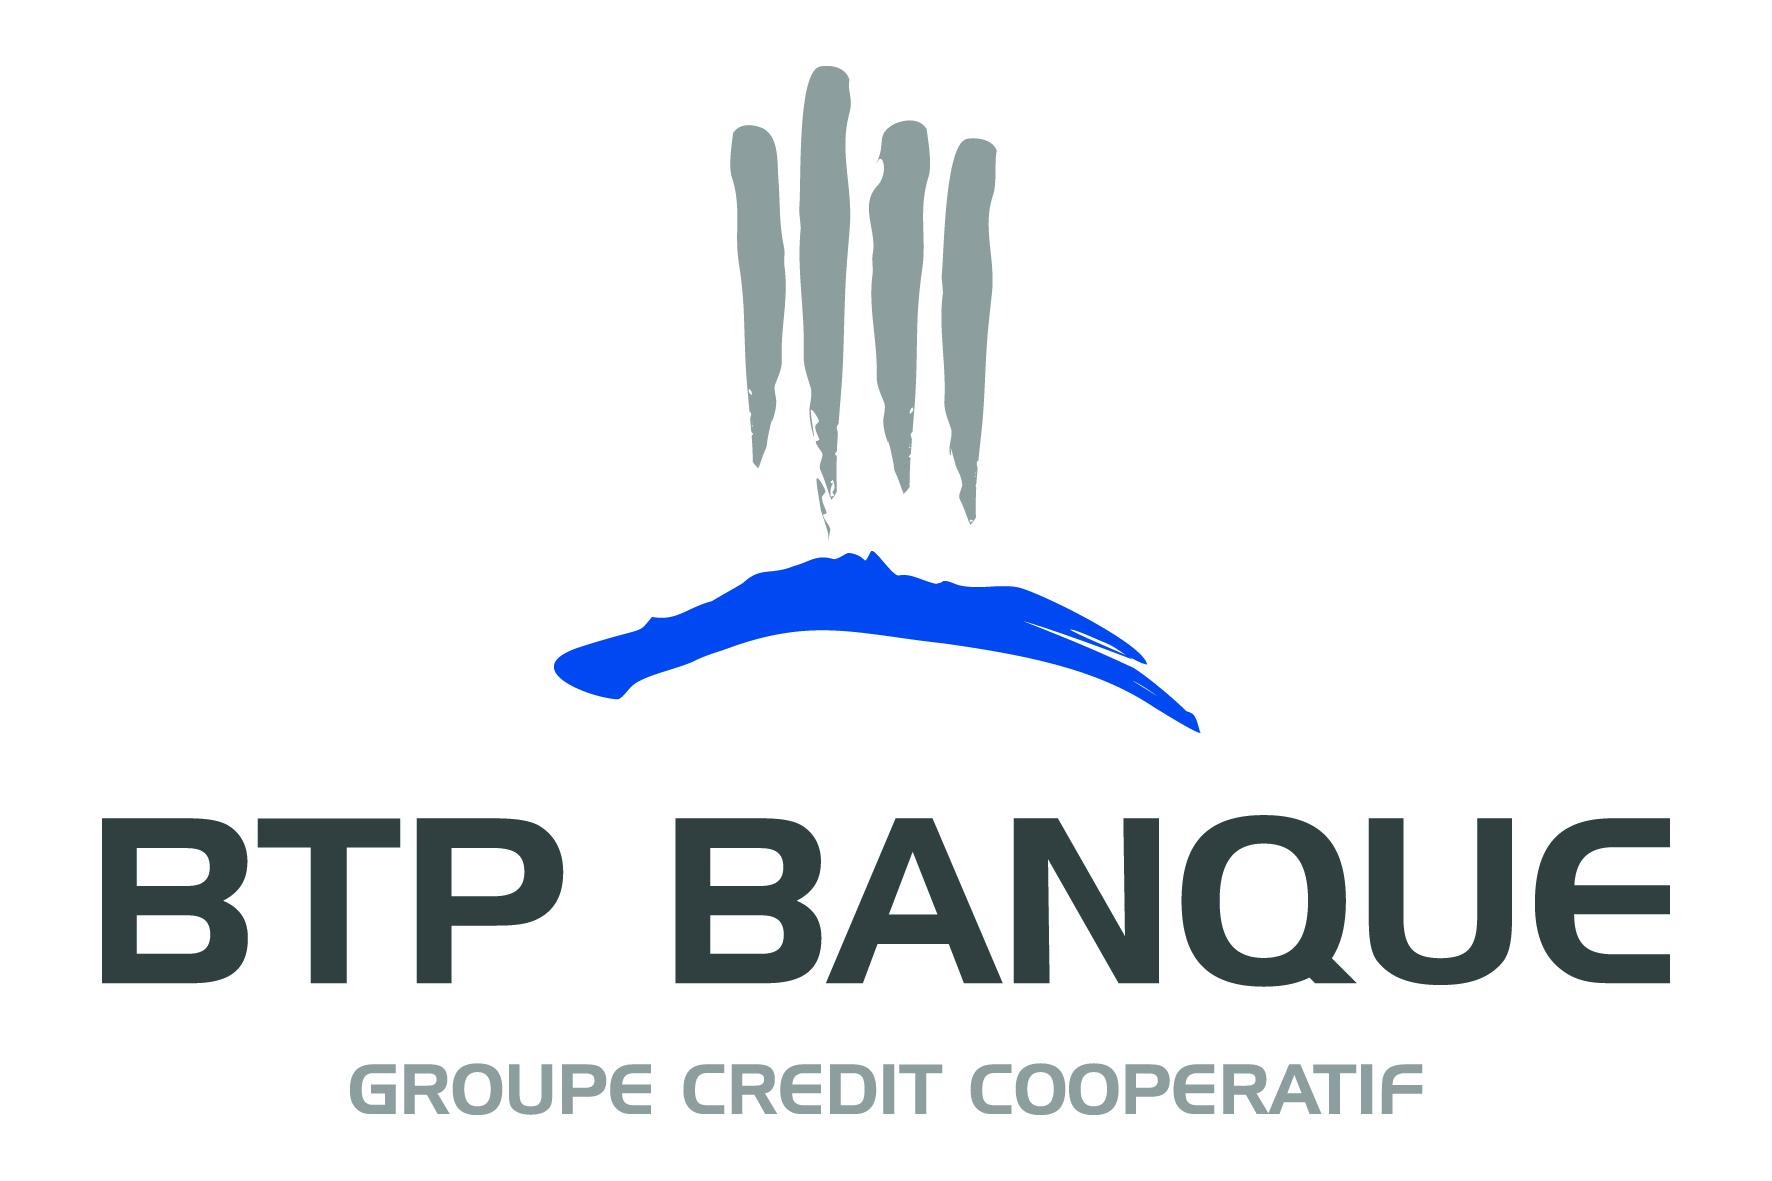 logo-BTP BANQUE